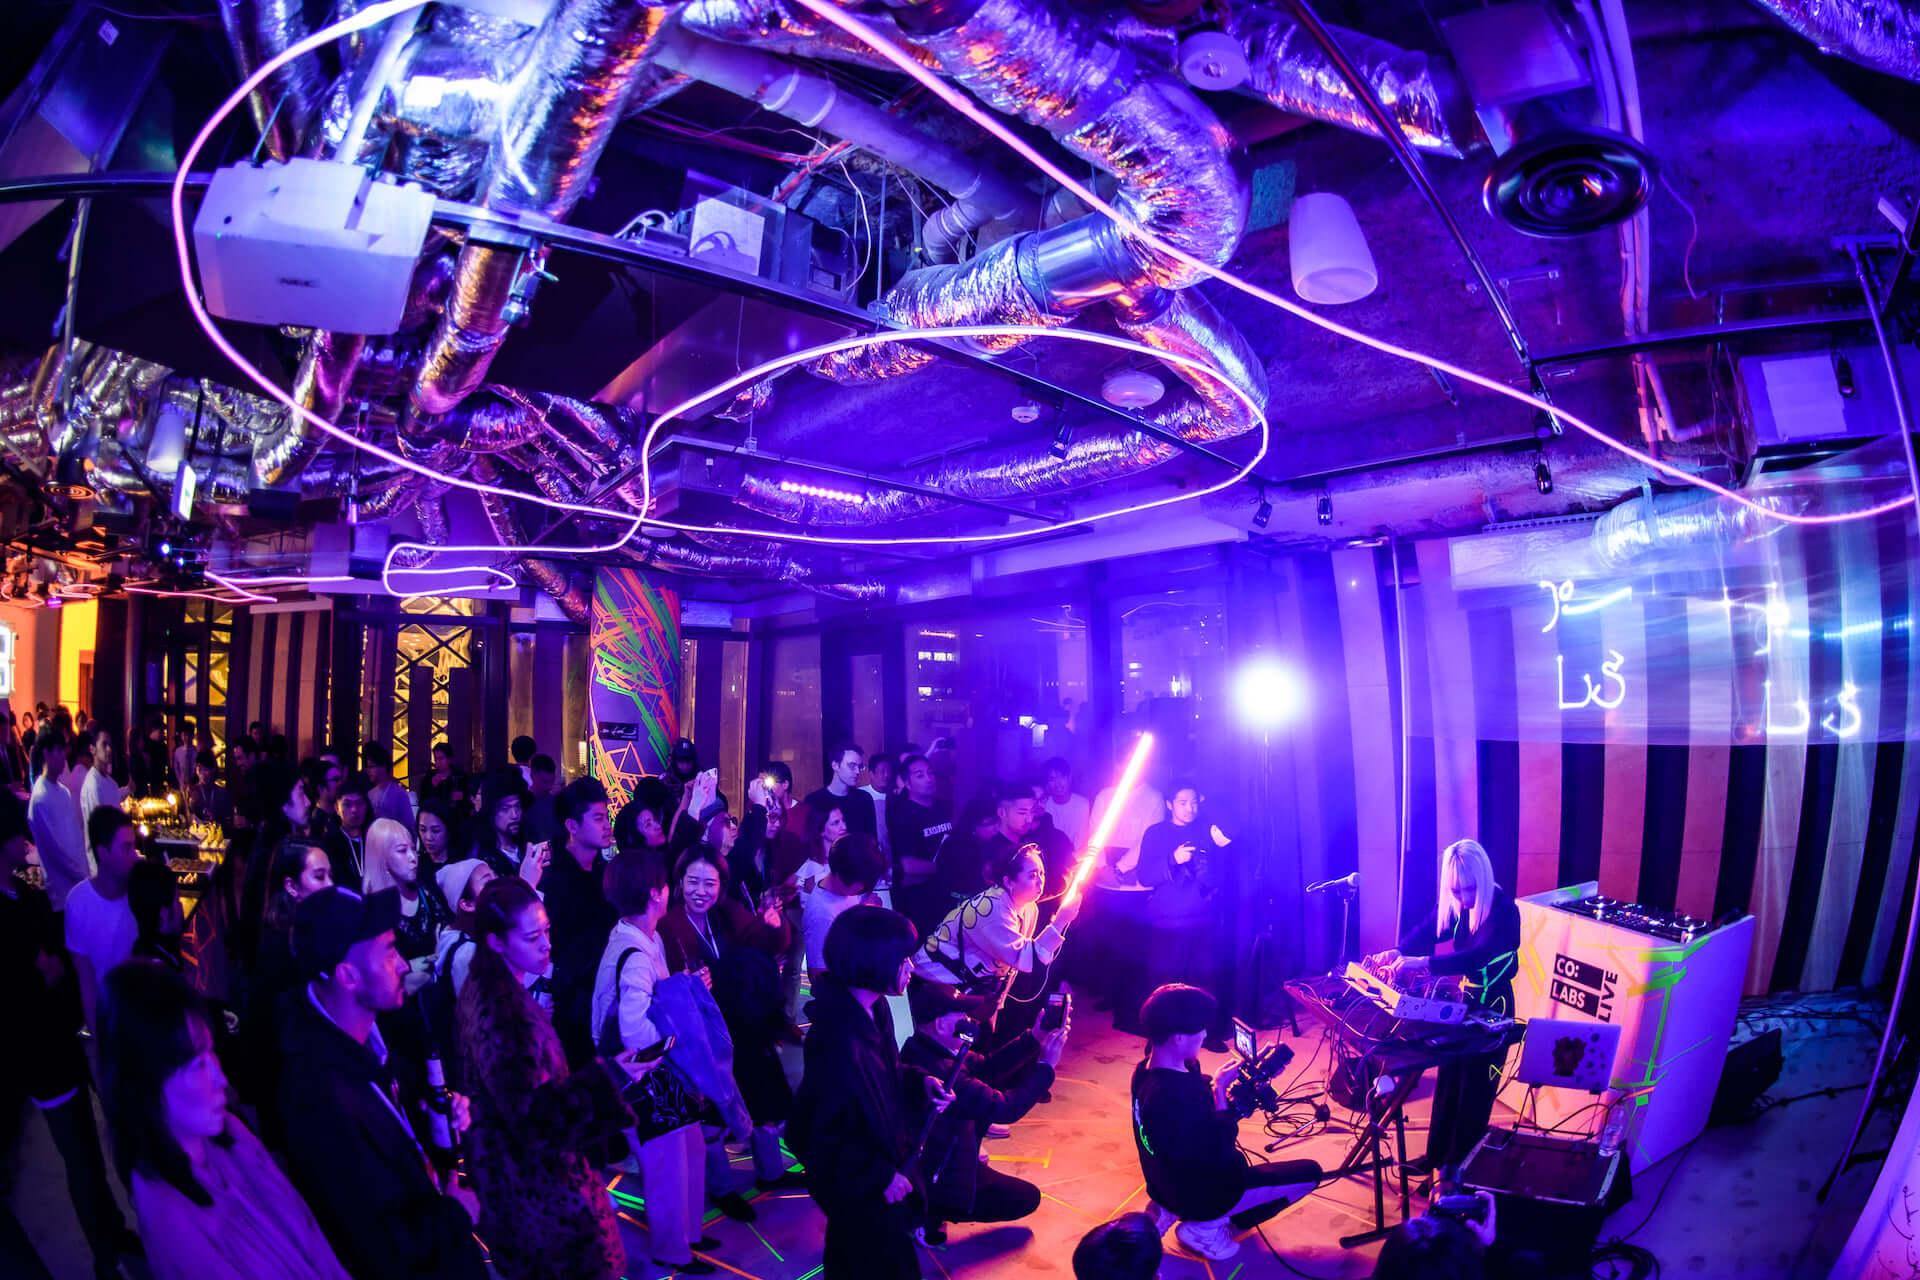 エッジィなメディア「CO:LABS」によるクリエイティブコラボパーティー<CO:LABS LIVE>に潜入! music-colabslive-5867-1920x1280